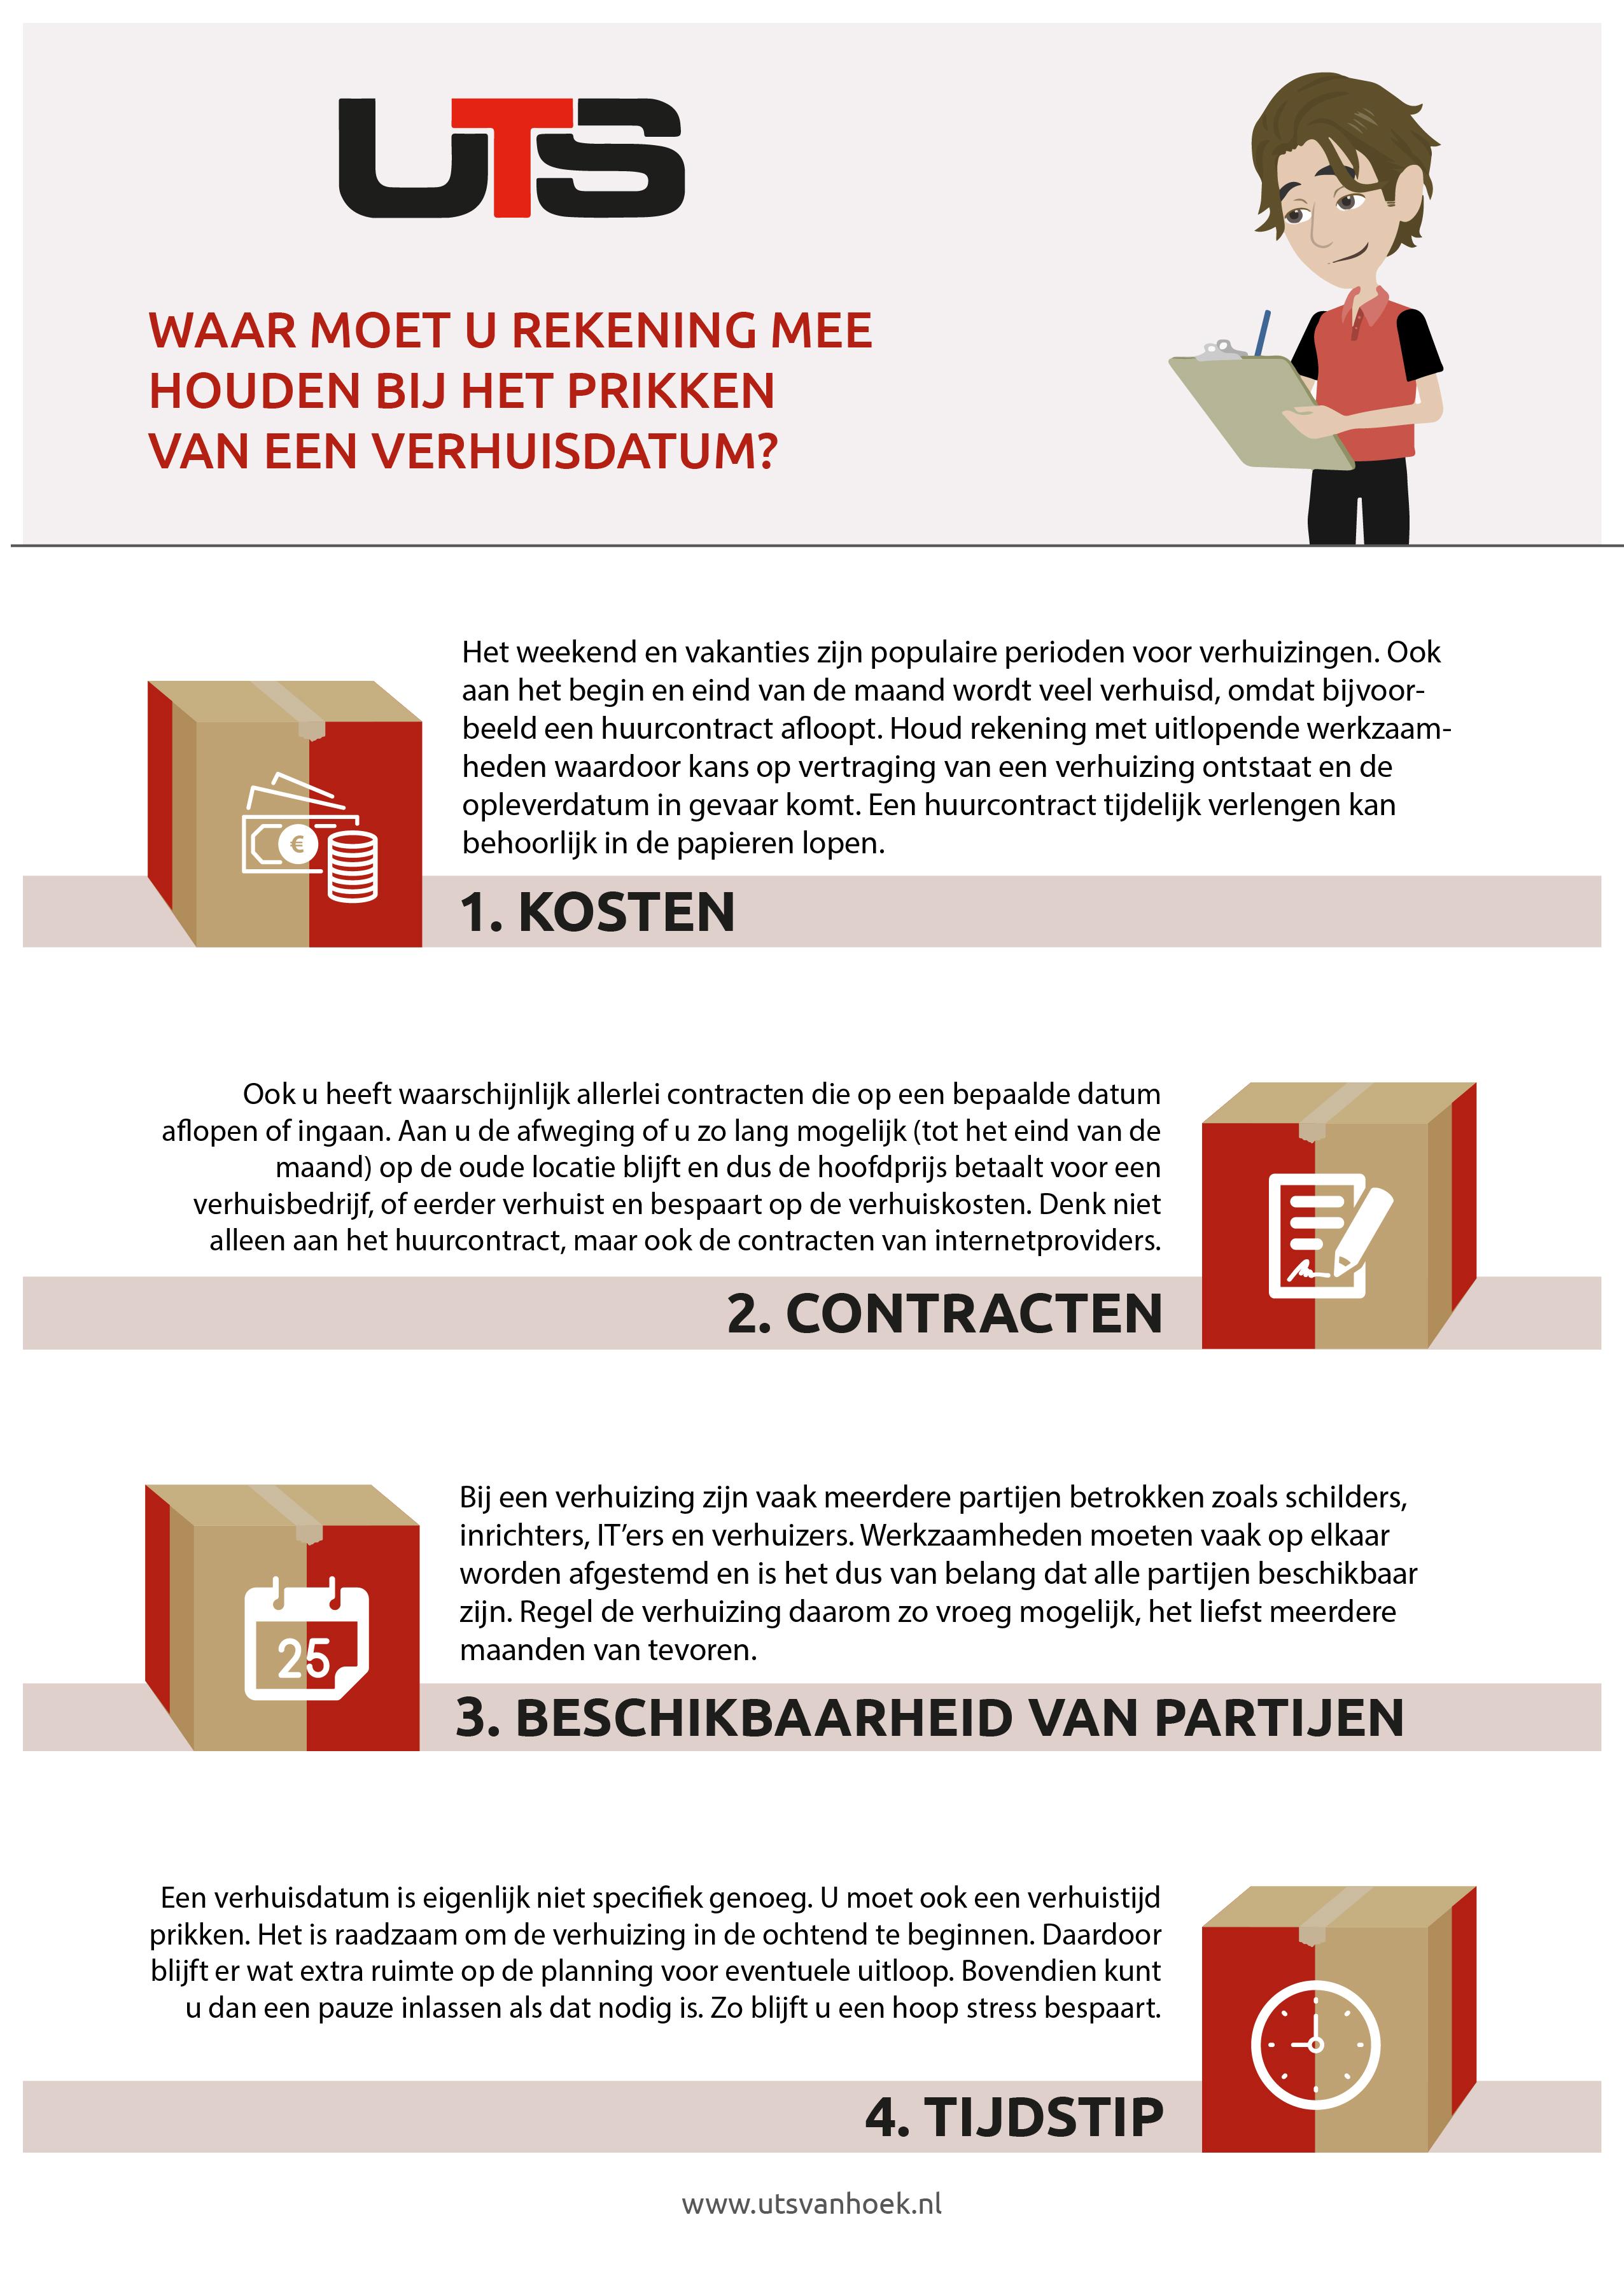 infographic verhuisdatum prikken uts van hoek verhuisbedrijf groningen